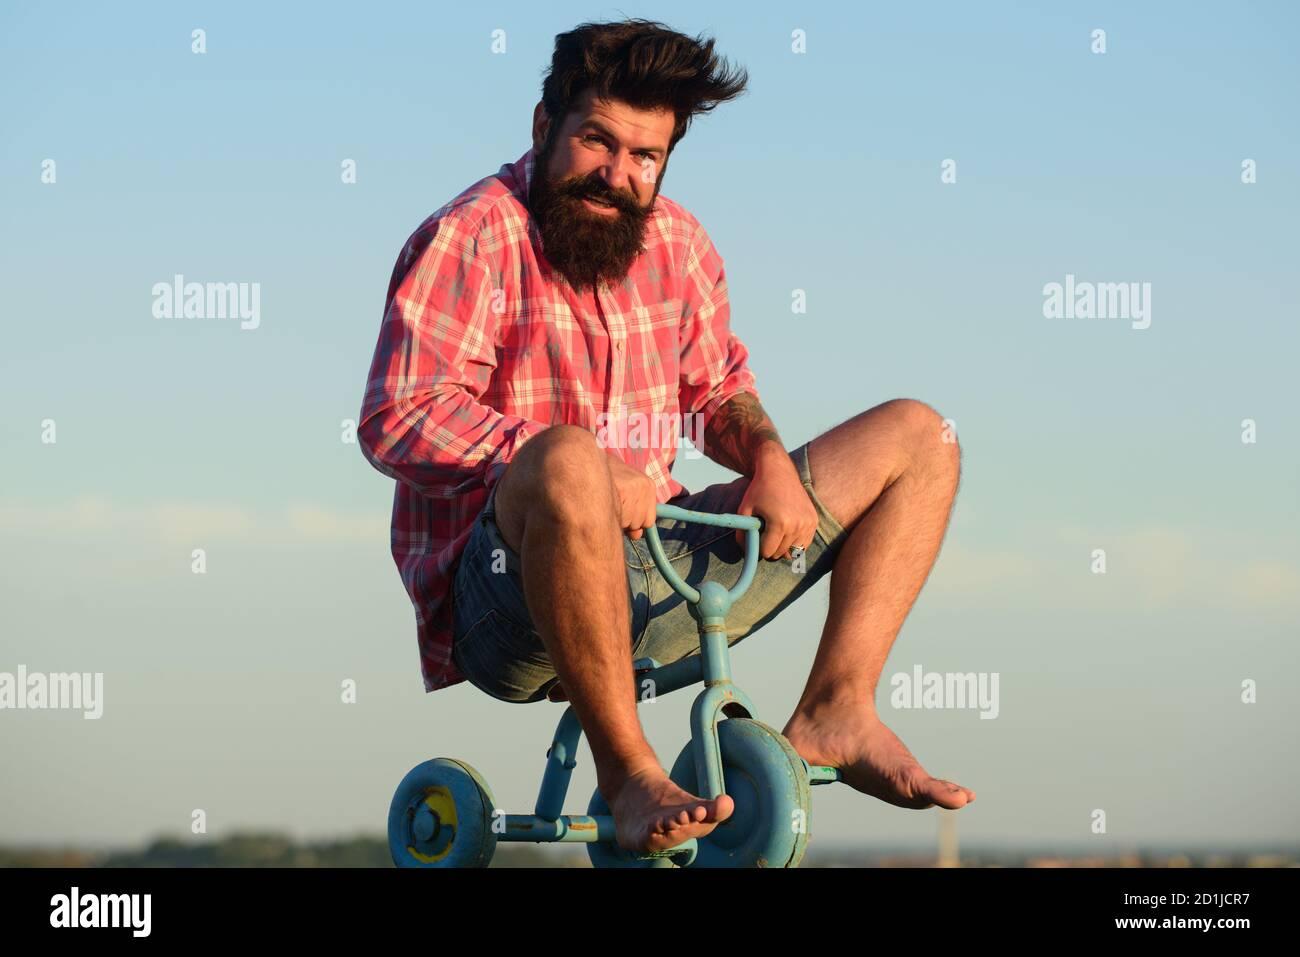 Mann, der sich wie ein Kind verhält. Lustiger Mann auf einem Kinderfahrrad. Nerdy Radfahrer Reiten. Stockfoto